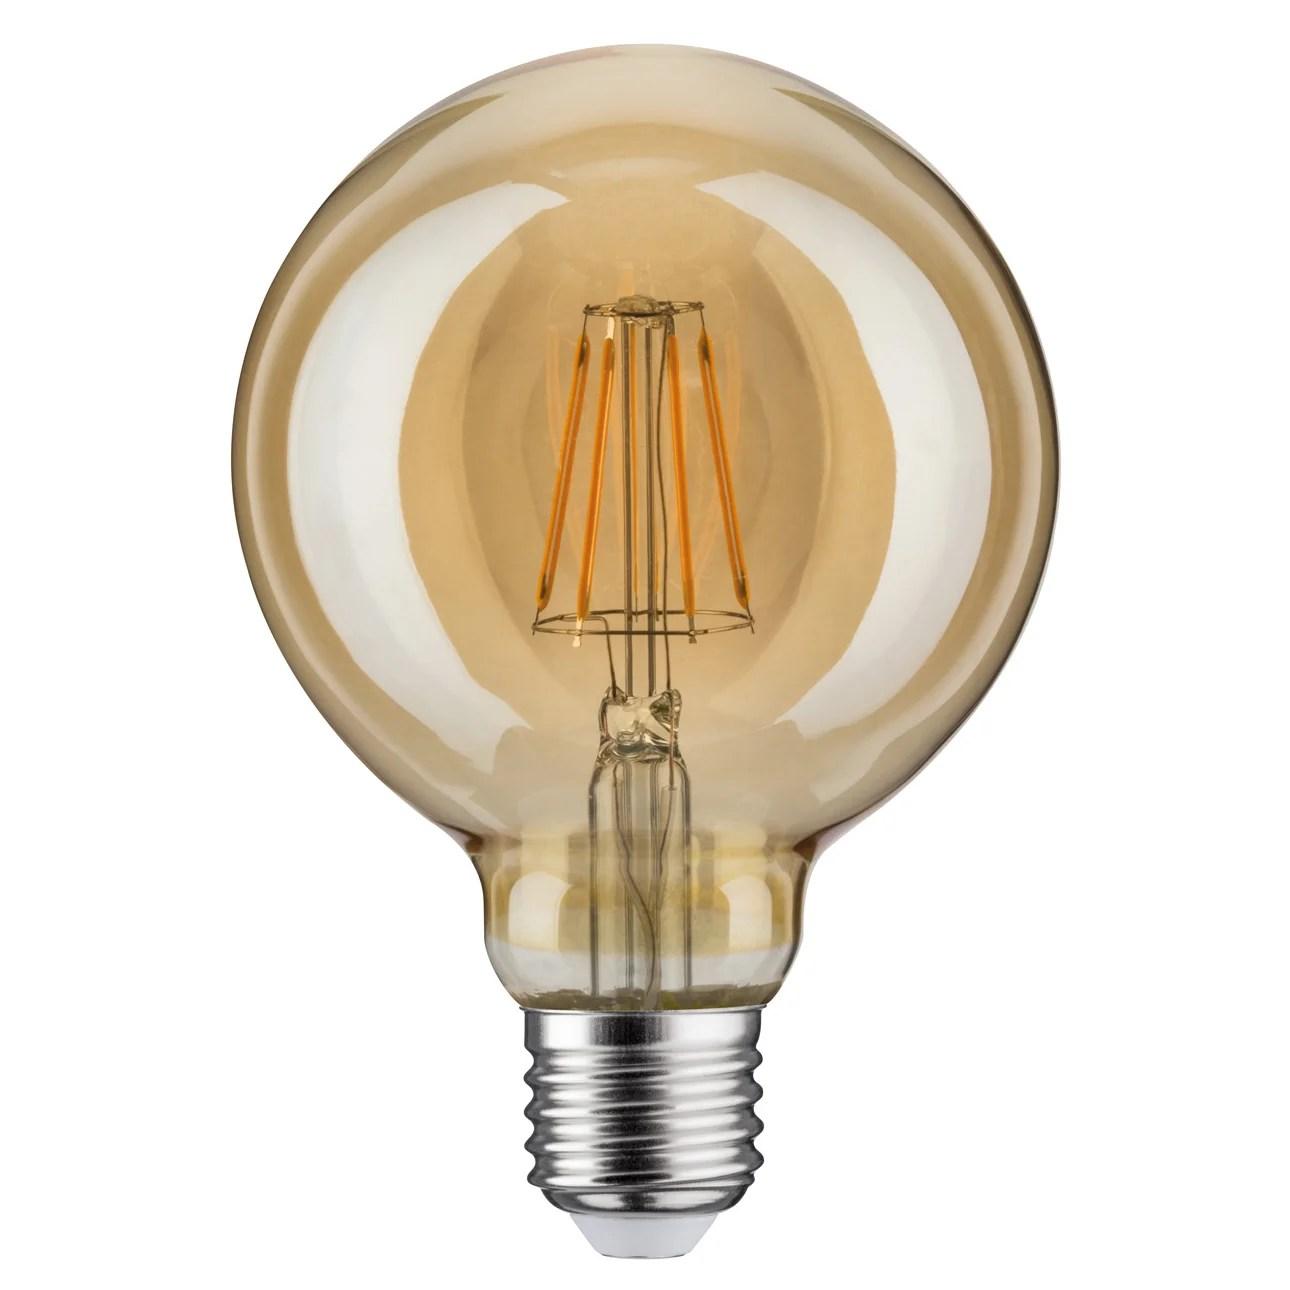 Paulmann Globe LED Light Bulb & Reviews